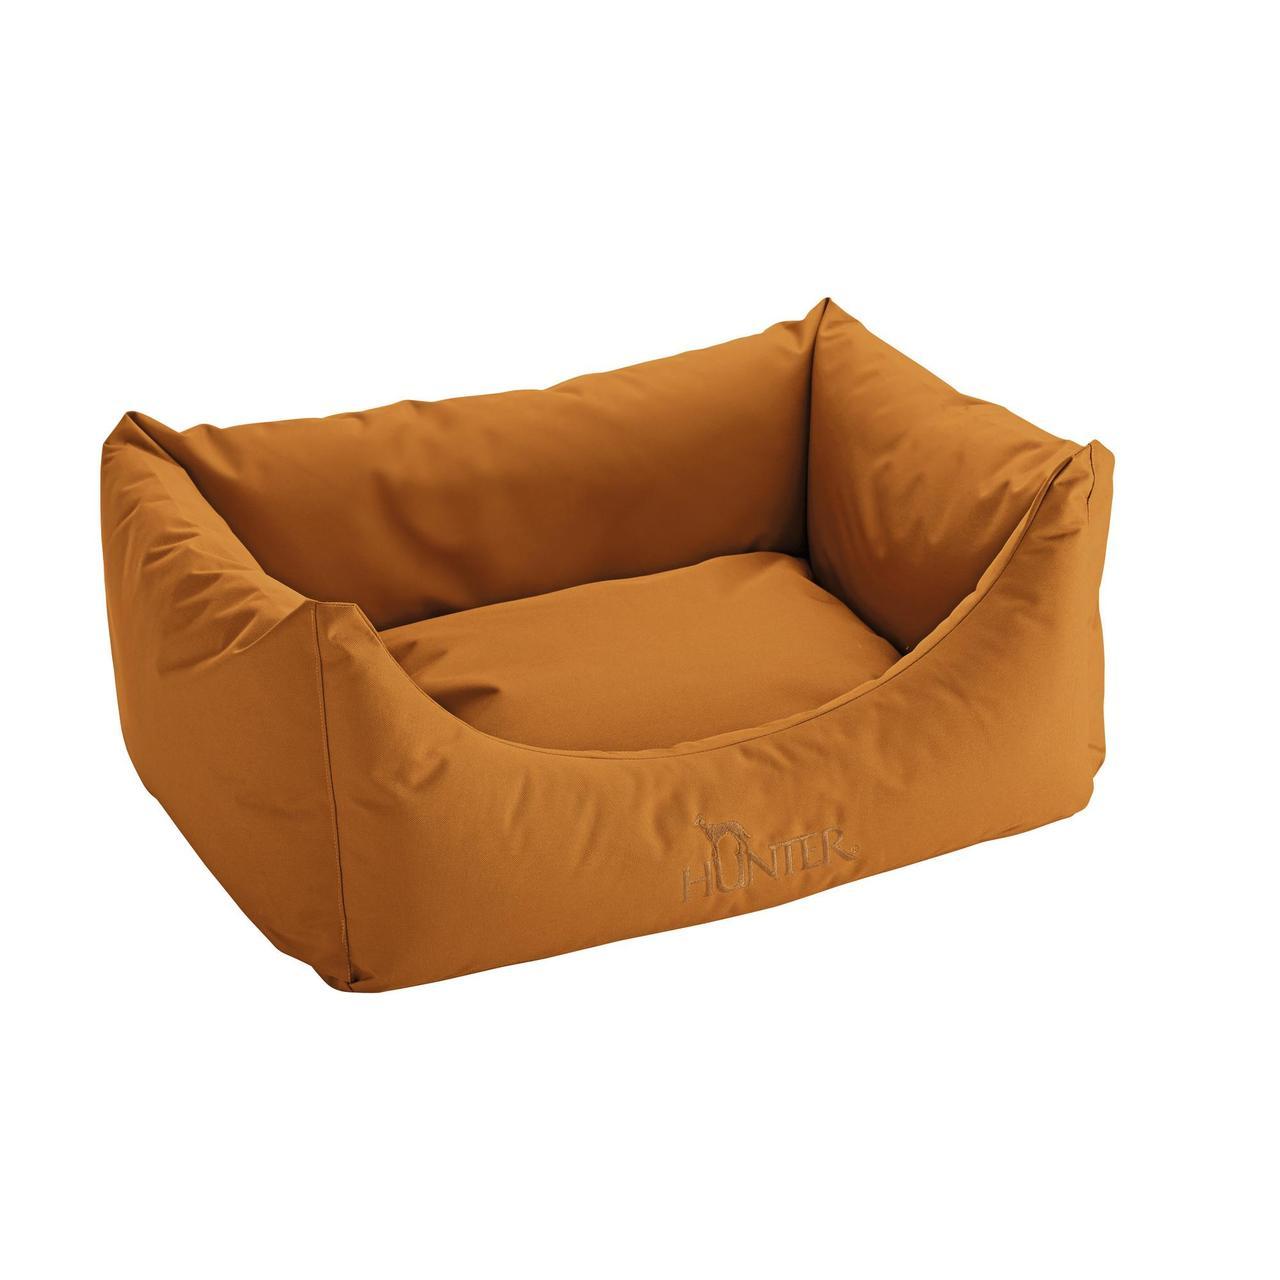 An image of Hunter Dog Sofa Antibacterial Caramel 60x45cm